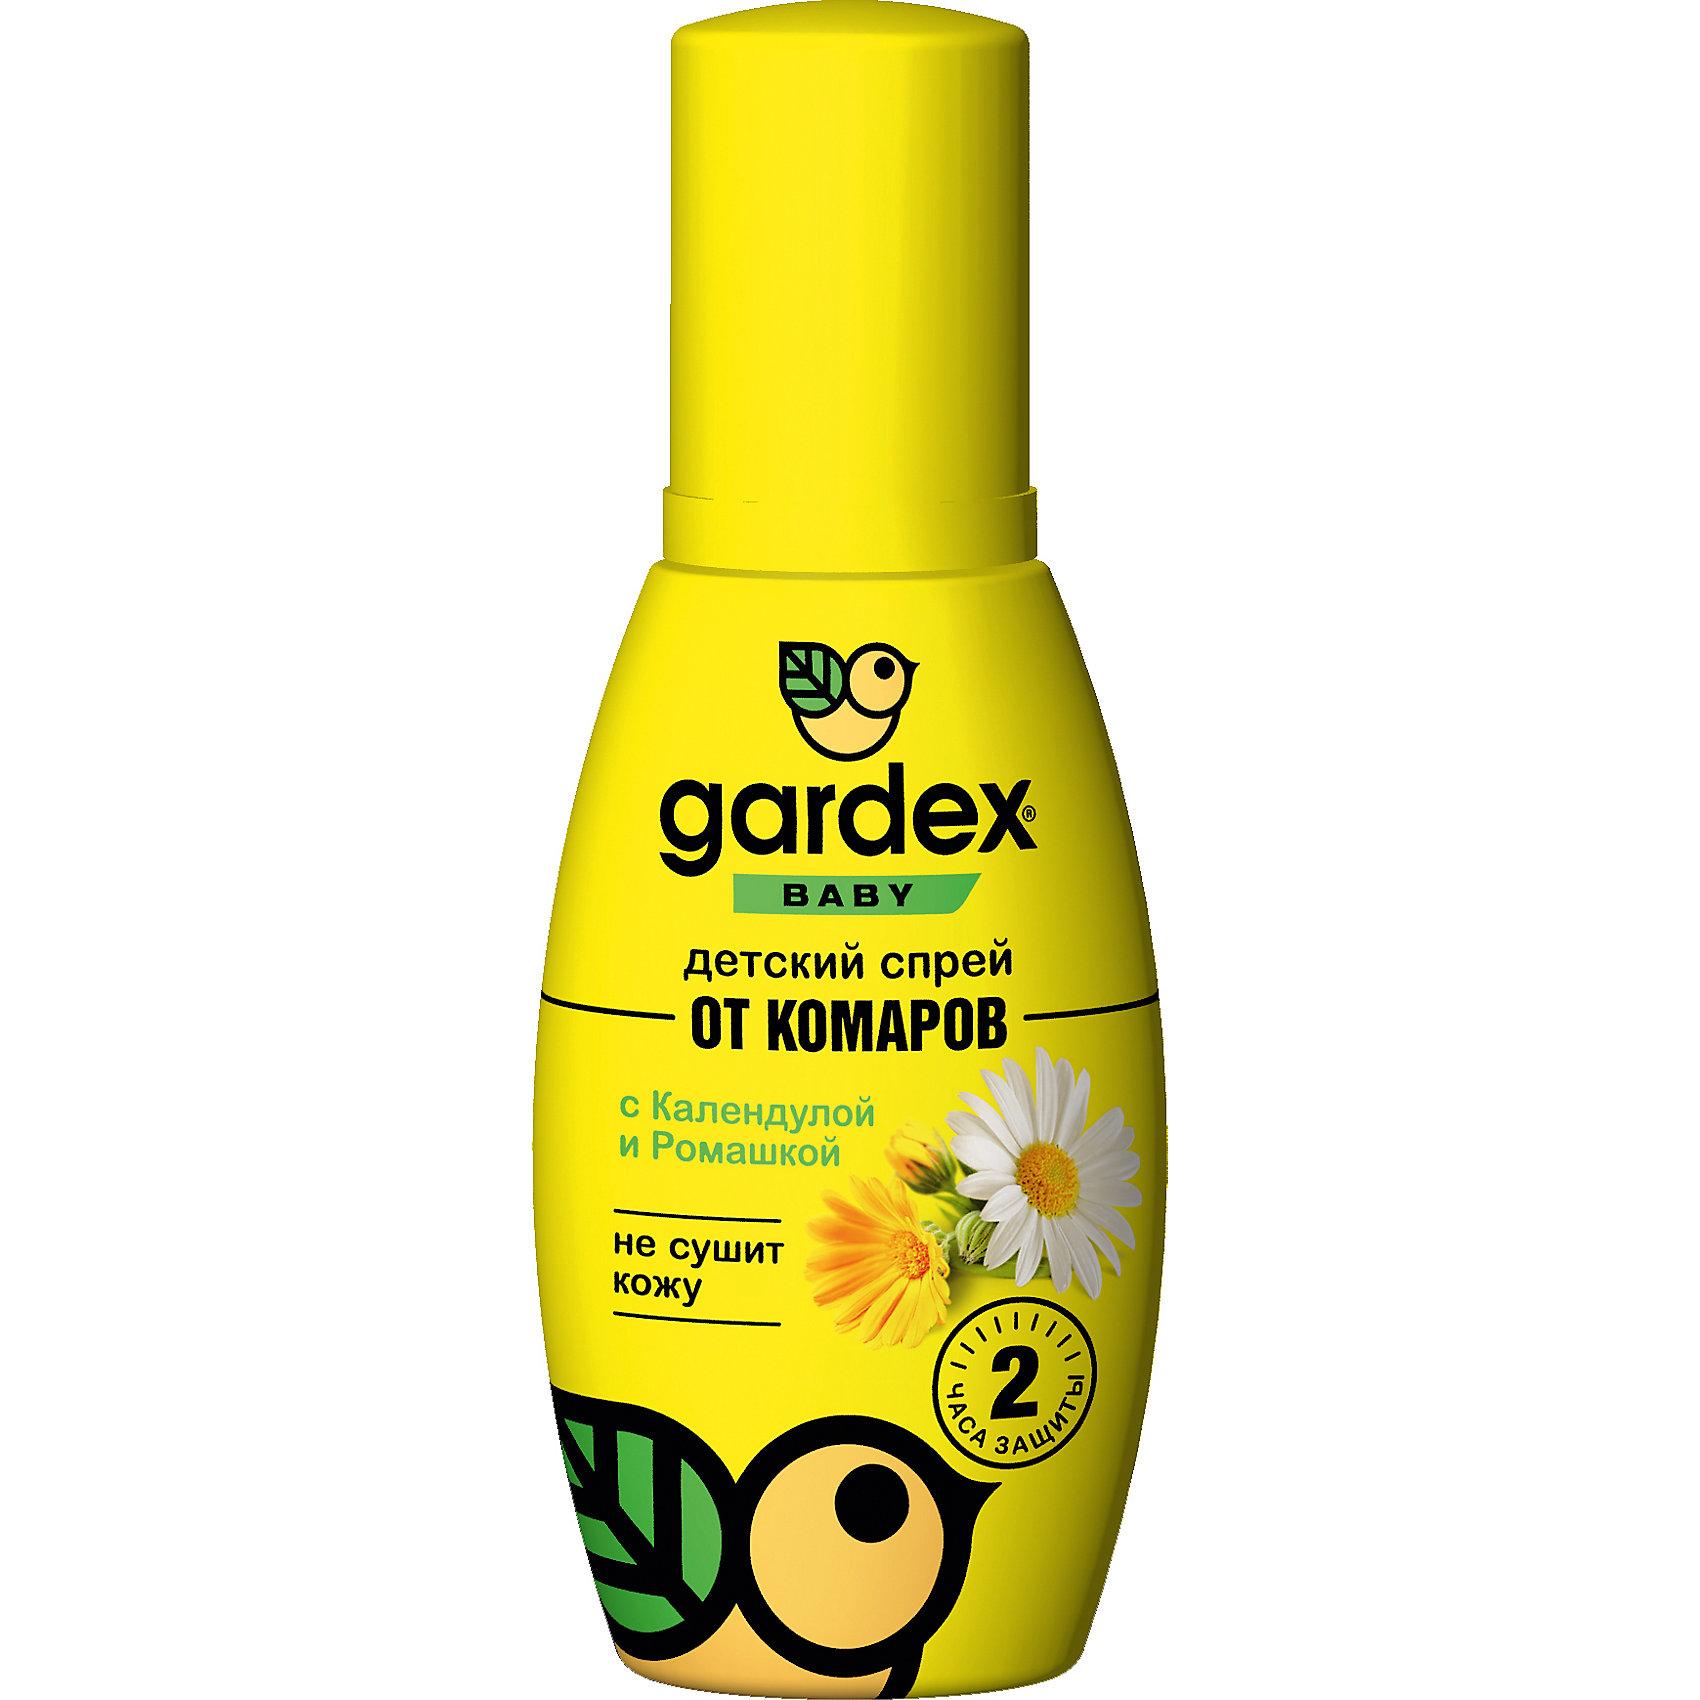 Спрей от комаров, с 2-х лет, 100 мл., Gardex BabyСредства защиты от солнца и насекомых<br>Характеристики:<br><br>• Состав: N,N-диэтилтолуамид, пропиленгликоль, силикон, аллантоин, вода, экстракт ромашки и календулы<br>• Форма средства: спрей<br>• Продолжительность действия: до 3-х часов<br>• Упаковка: флакон<br>• Объем: 100 мл<br>• Оснащен пульверизатором<br>• Не оставляет пятен на одежде<br>• Вес: 132 г<br>• Размеры (Д*Ш*В): 5,5*4*14,5 см<br>• Срок годности: 3 года<br><br>Спрей от комаров, с 2-х лет, 100 мл., Gardex Baby предназначен для защиты от укусов насемомых для детей с 2-х лет. В состав репеллента входят инновационные действующие средства и отдушки лекарственных трав. <br><br>Спрей предназначен для нанесения на открытые участки кожи, при попадании на одежду не оставляет следов. Имеет увеличенную длительность защитного воздействия – до 3-х часов. <br><br>Средство выполнено в удобном флаконе с пульверизатором, за счет чего оно экономно расходуется. Имеет компактный размер и не занимает много места в сумке или детском рюкзаке.<br><br>Спрей от комаров, с 2-х лет, 100 мл., Gardex Baby можно купить в нашем интернет-магазине.<br><br>Ширина мм: 55<br>Глубина мм: 40<br>Высота мм: 145<br>Вес г: 132<br>Возраст от месяцев: 24<br>Возраст до месяцев: 2147483647<br>Пол: Унисекс<br>Возраст: Детский<br>SKU: 5575717